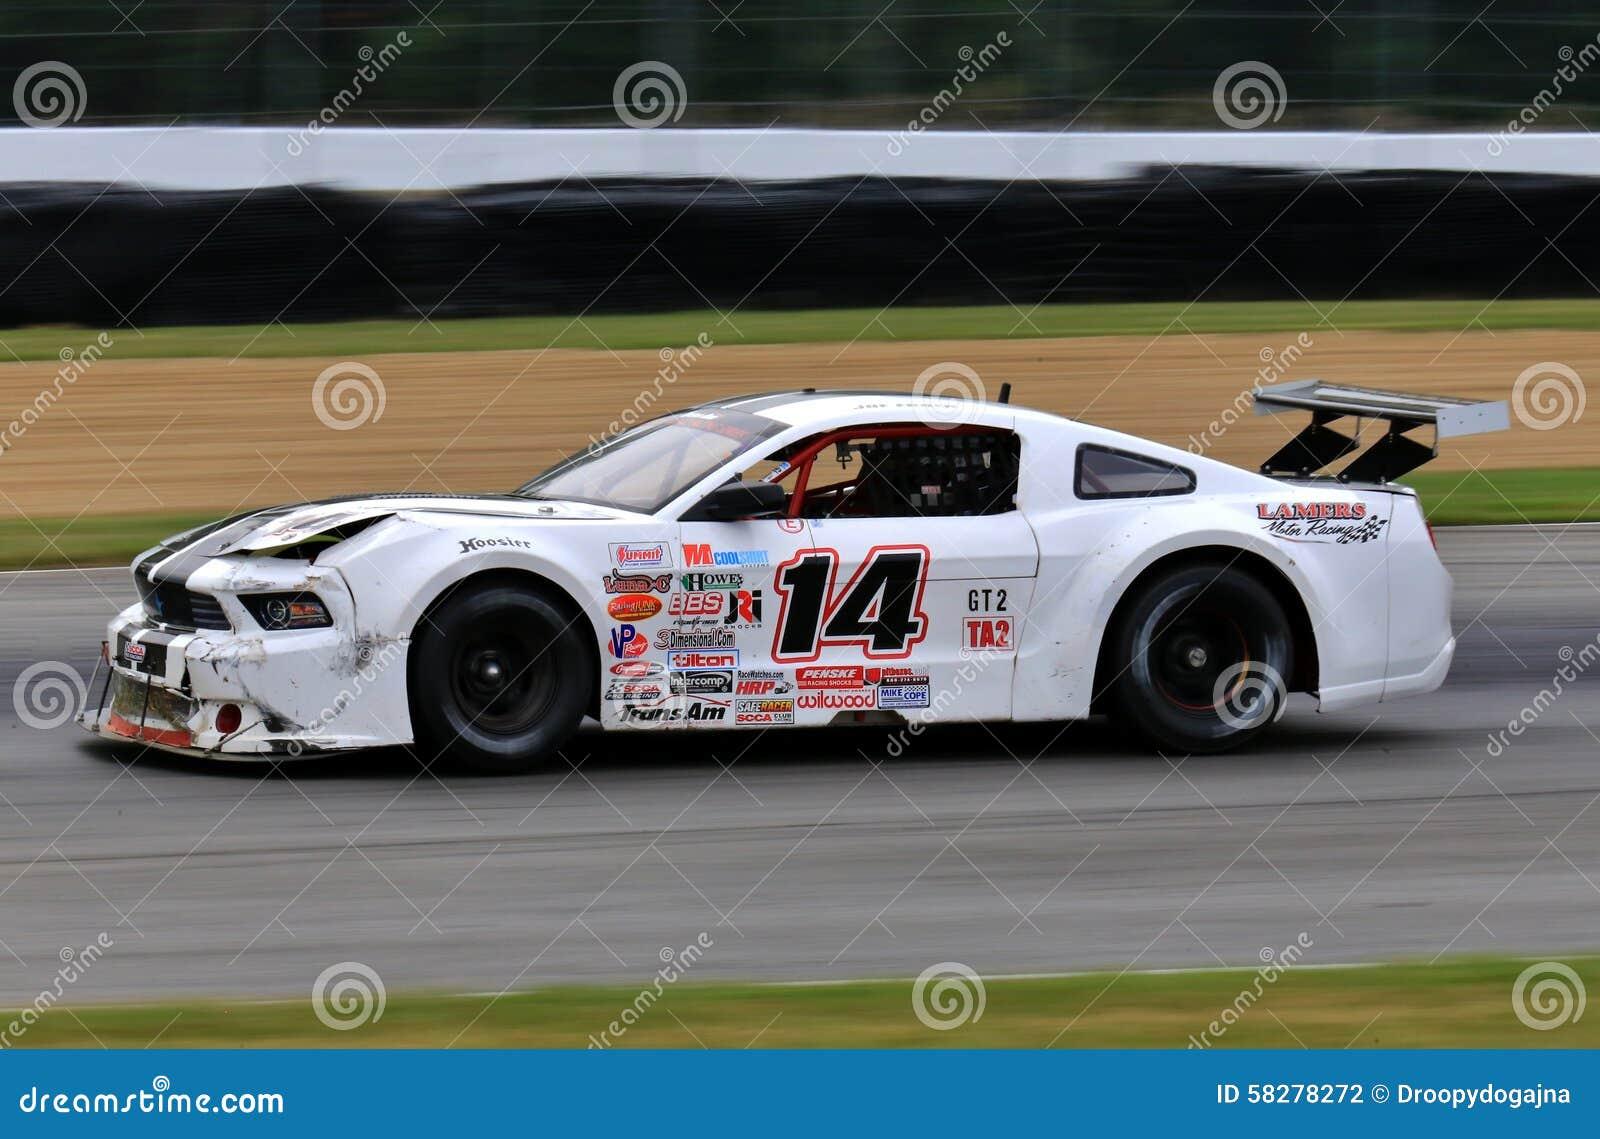 Drive A Race Car Ohio